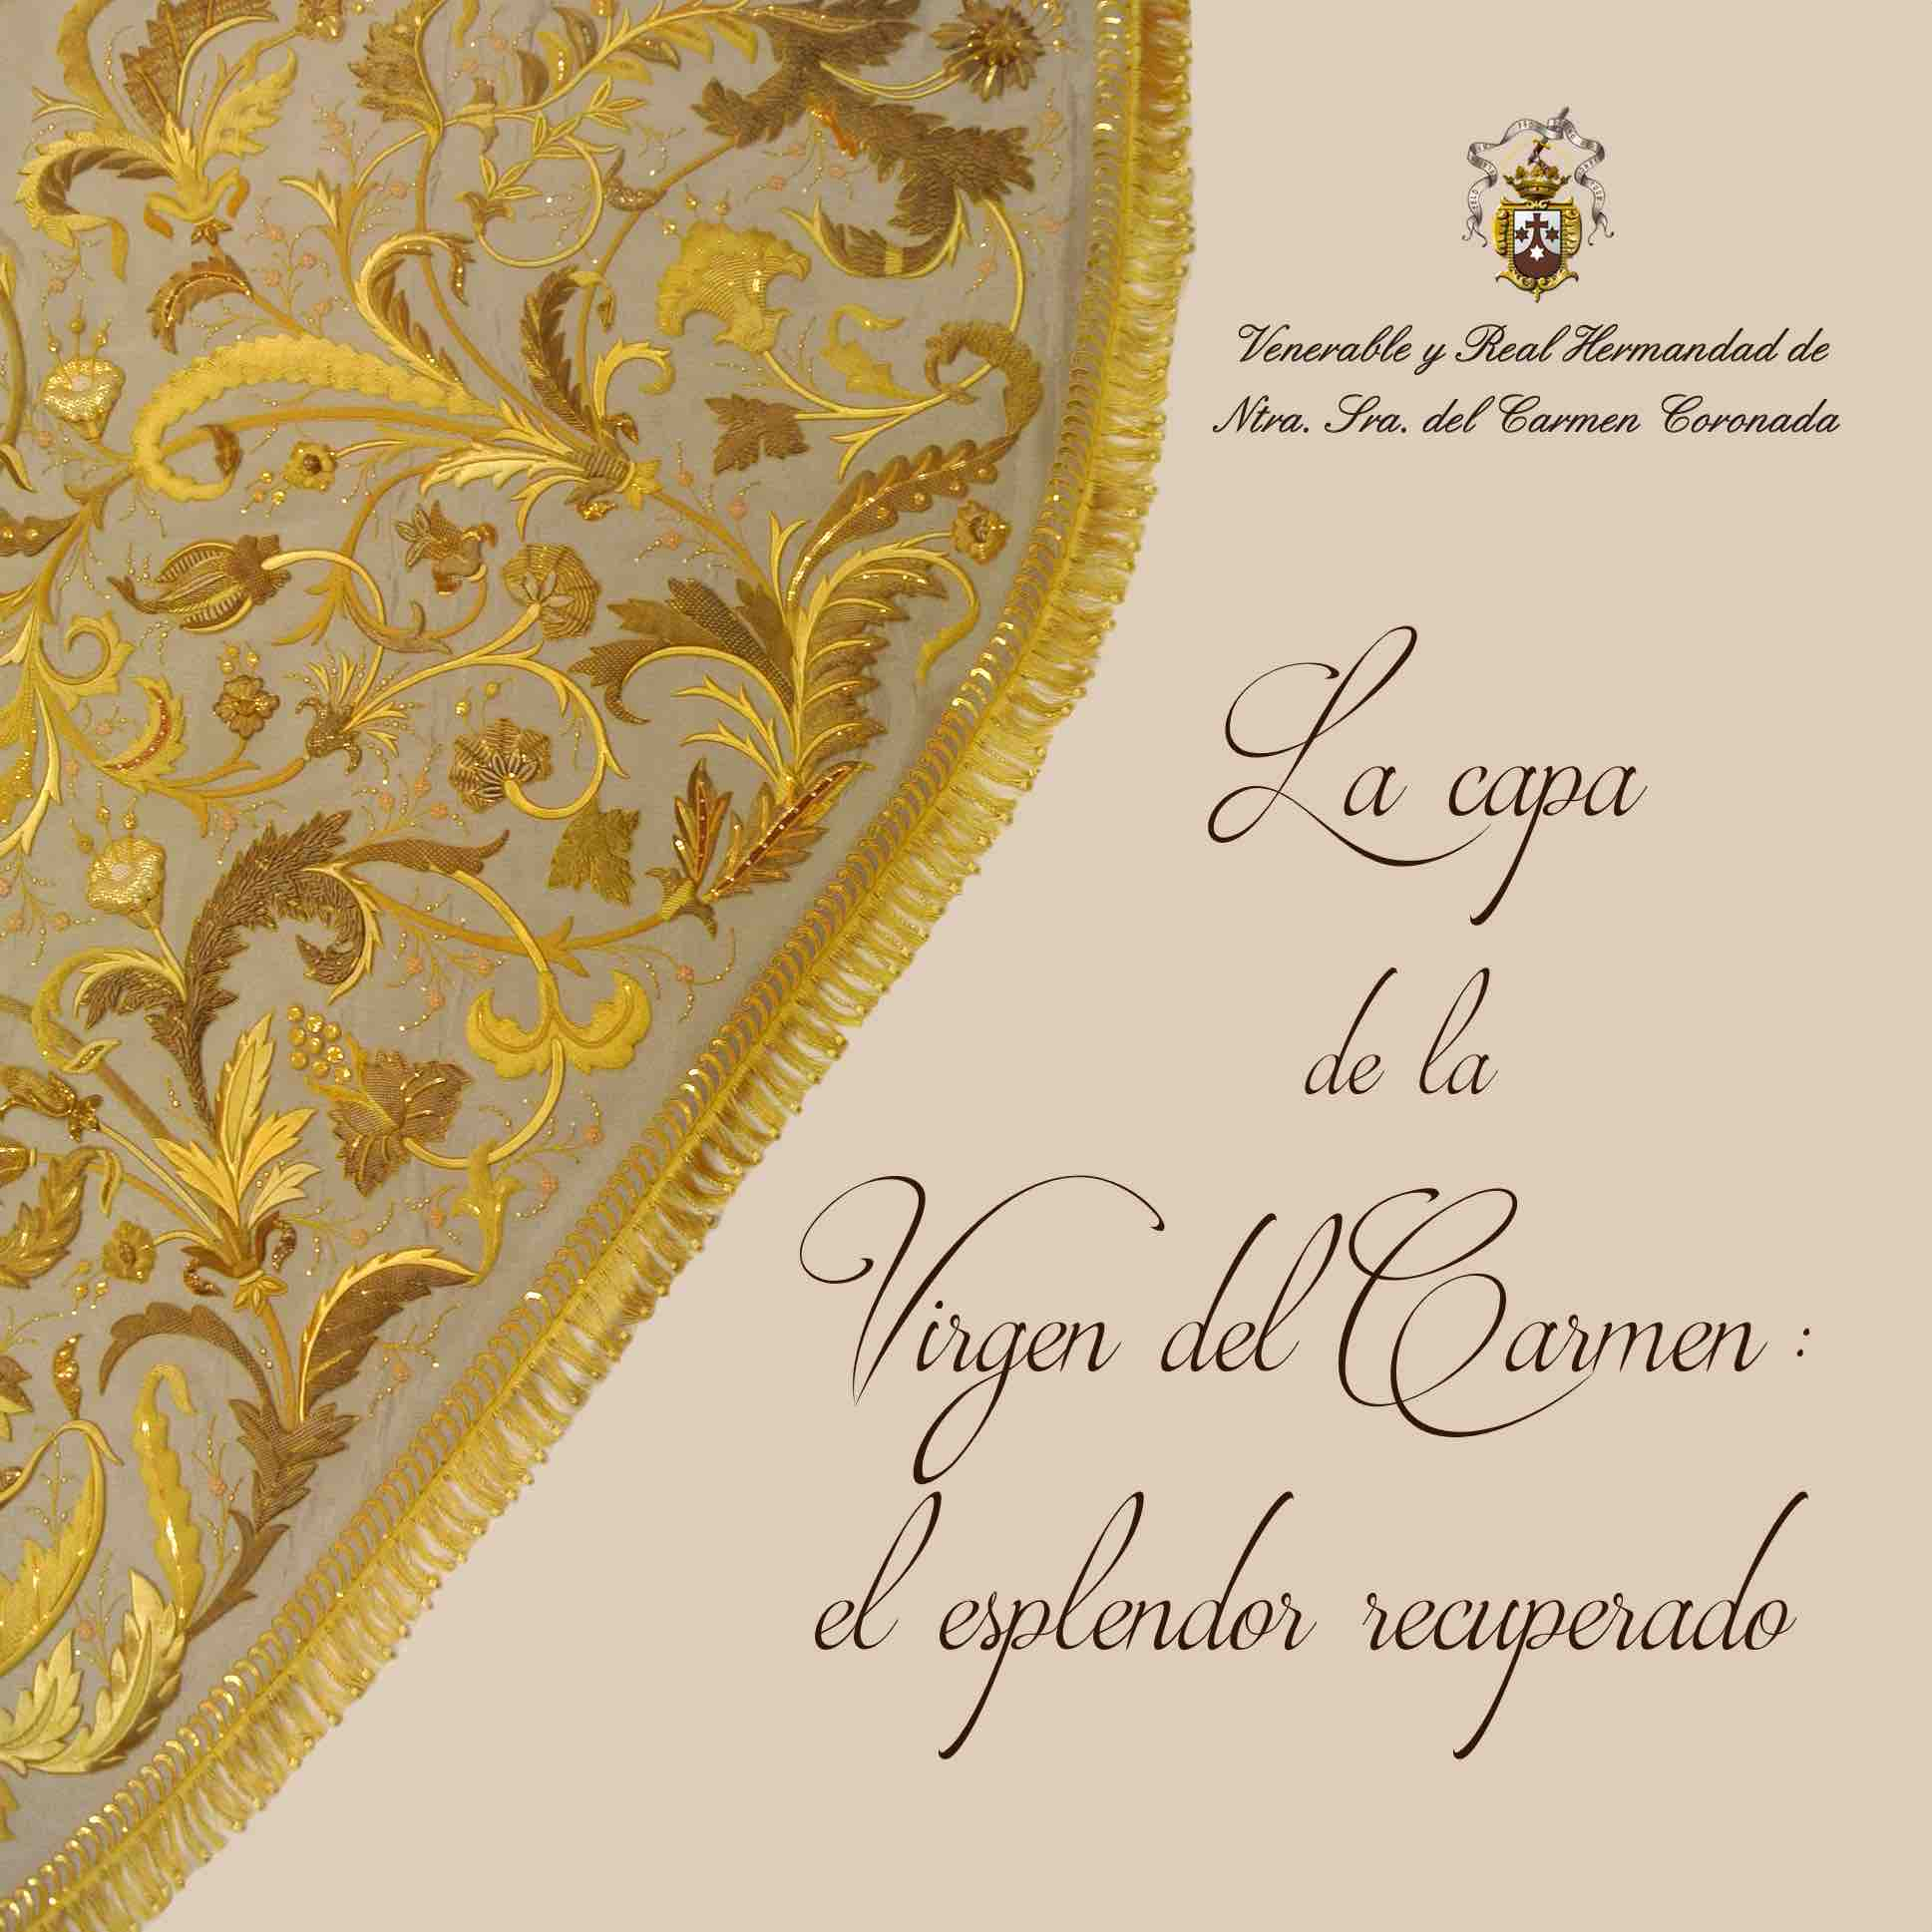 La capa de la Virgen del Carmen